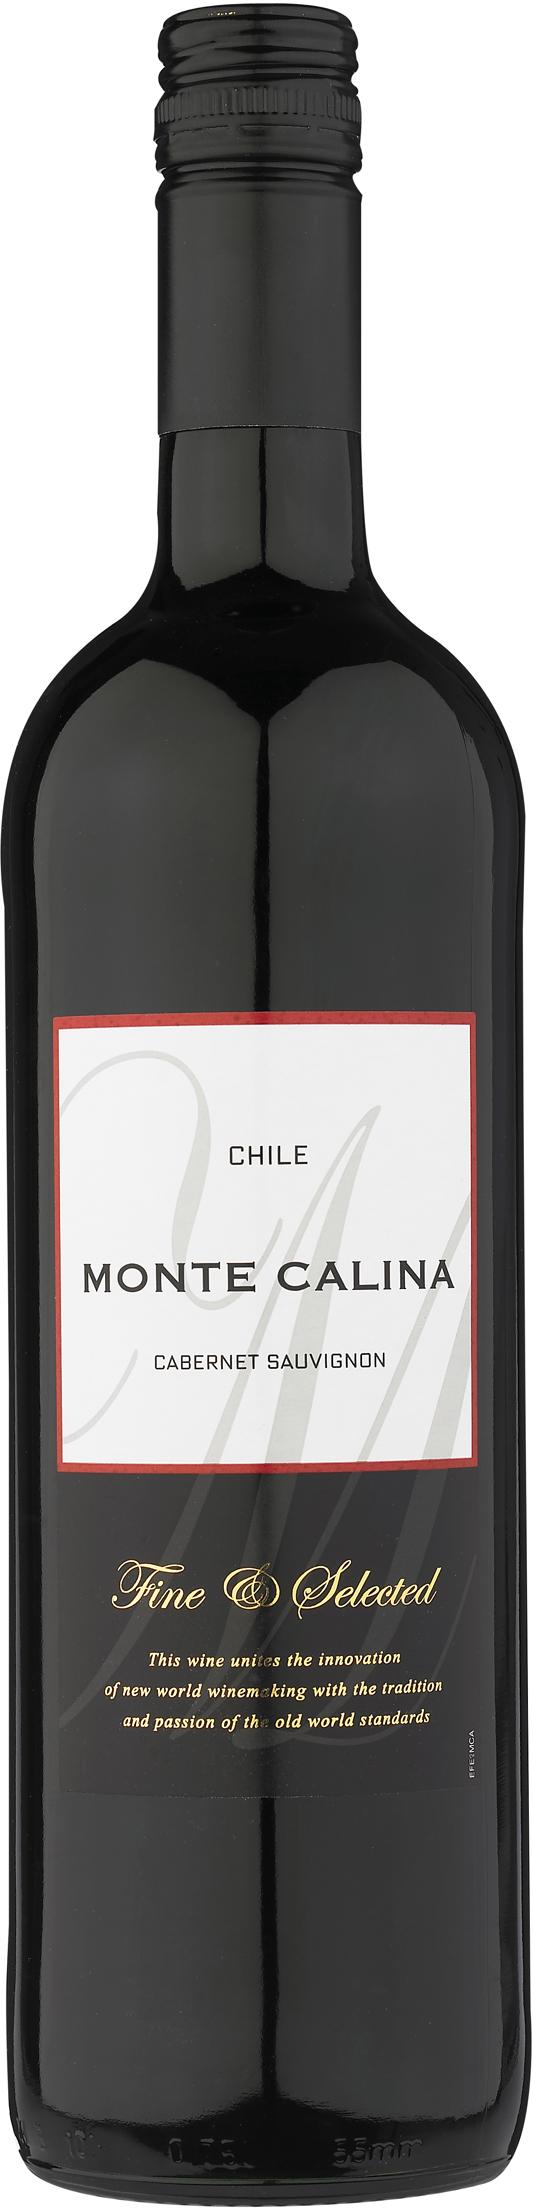 Monte Calina Cabernet Sauvignon - 13,5% - CHILENSK RØDVIN - VIN MED MERE .DK